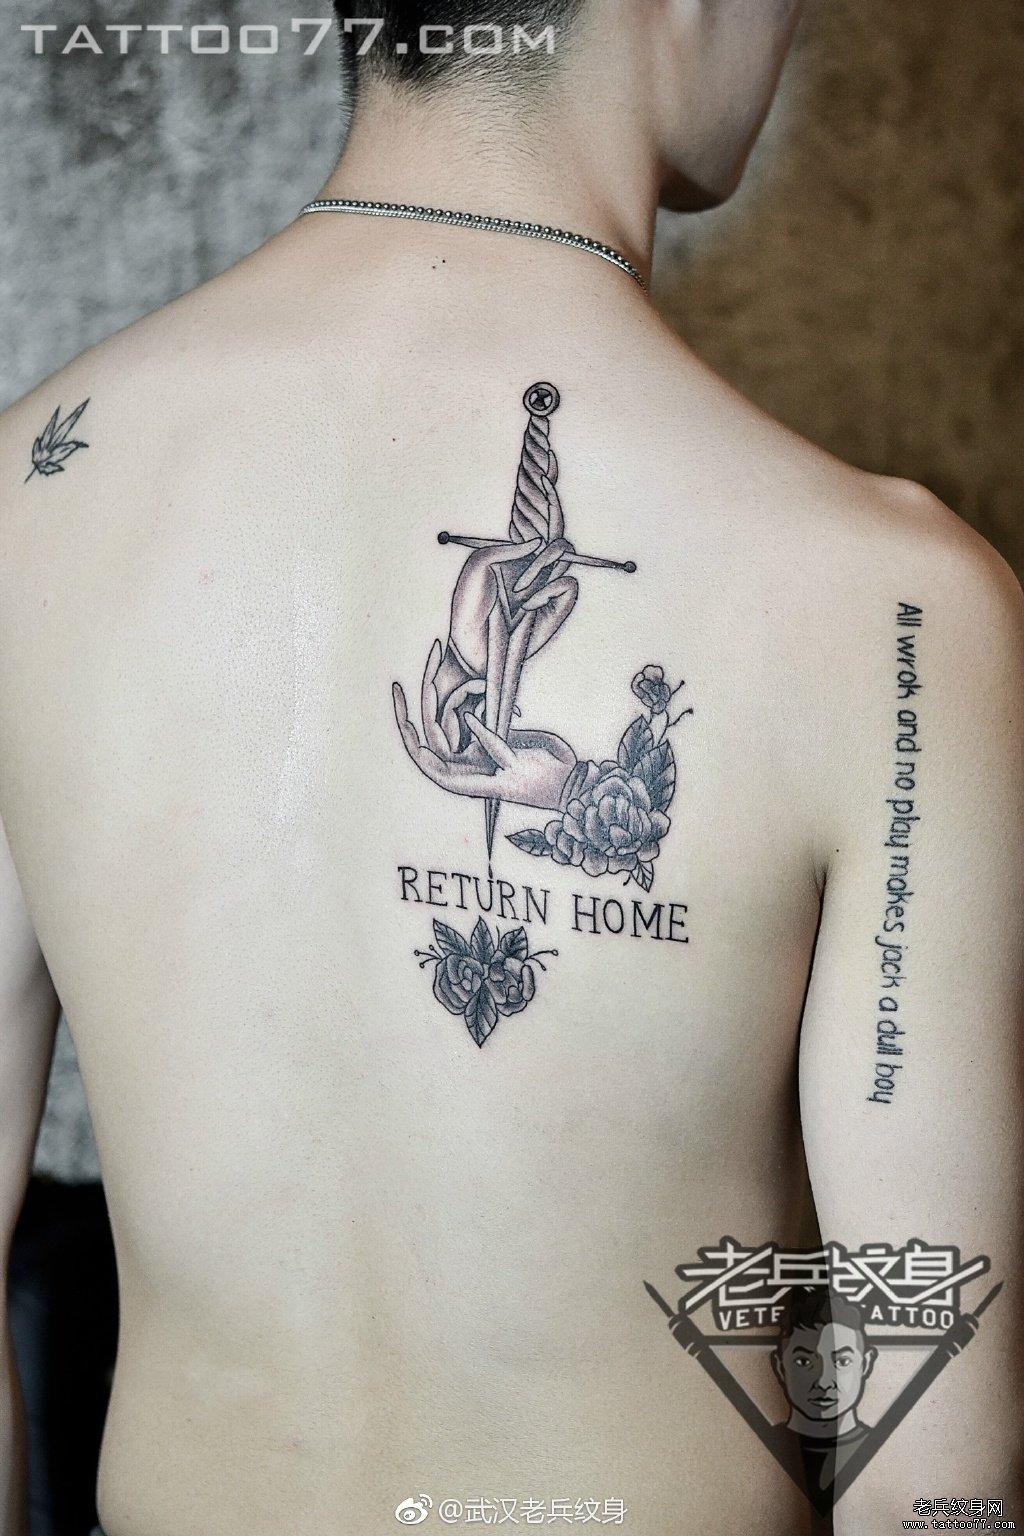 纹身主页 纹身作品集 黑灰作品  2017-05-05 12:04       武汉纹身店